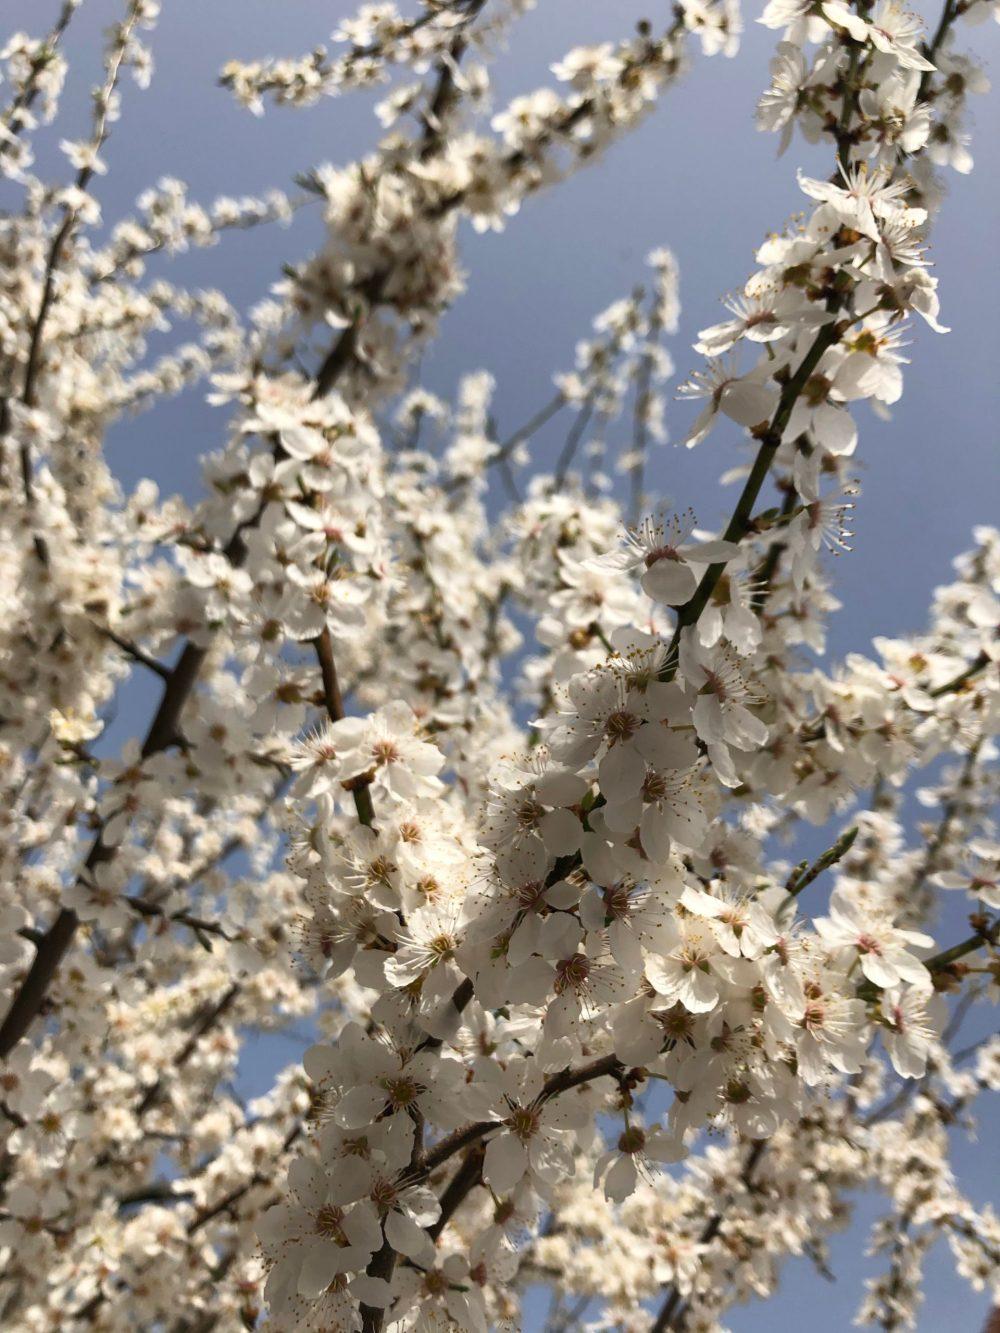 Viele Zweige mit weißen Blüten